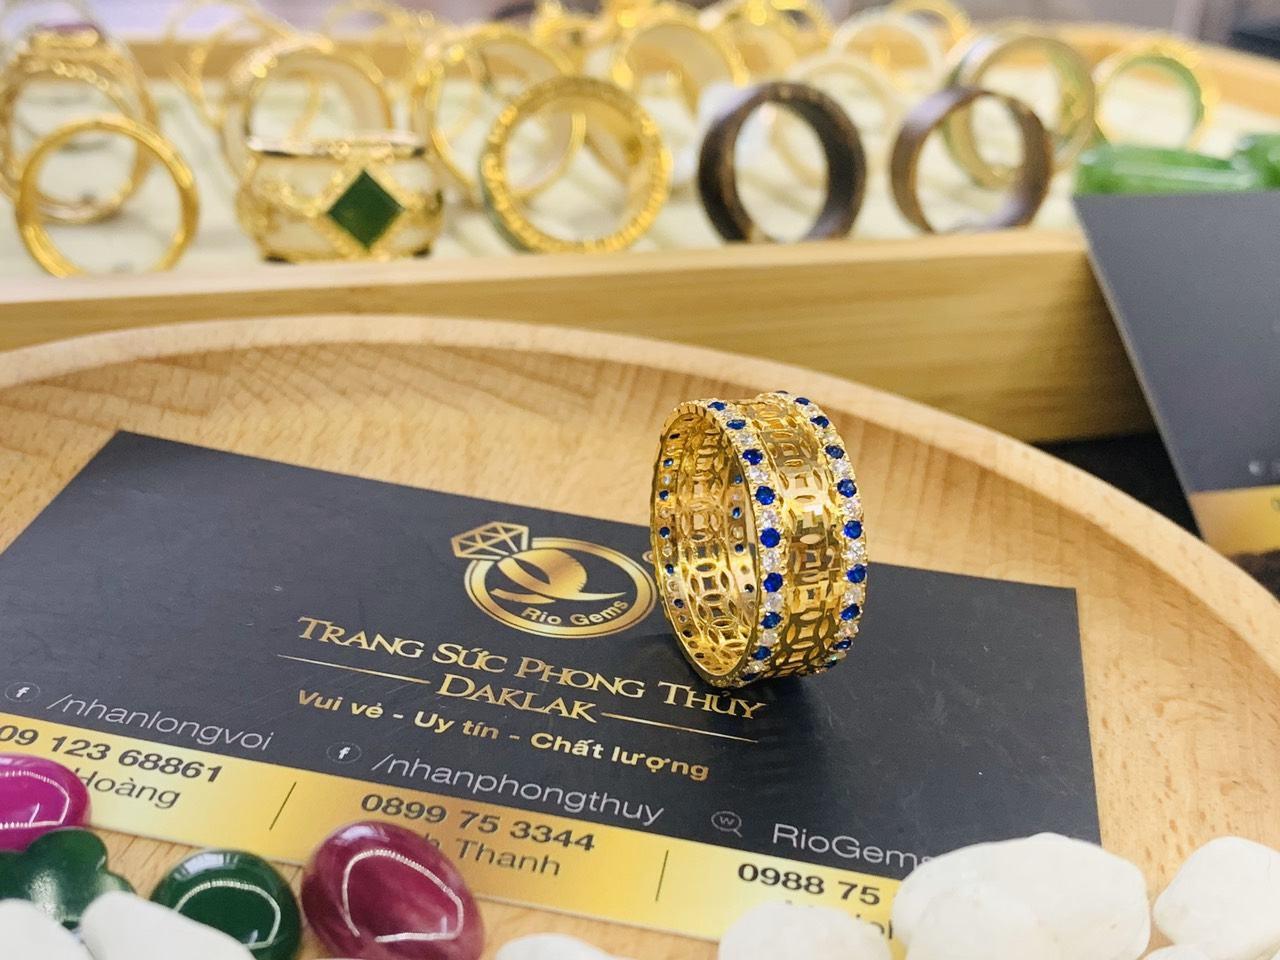 Nhẫn Kim Tiền vàng 18K 2 hàng đá xanh dương